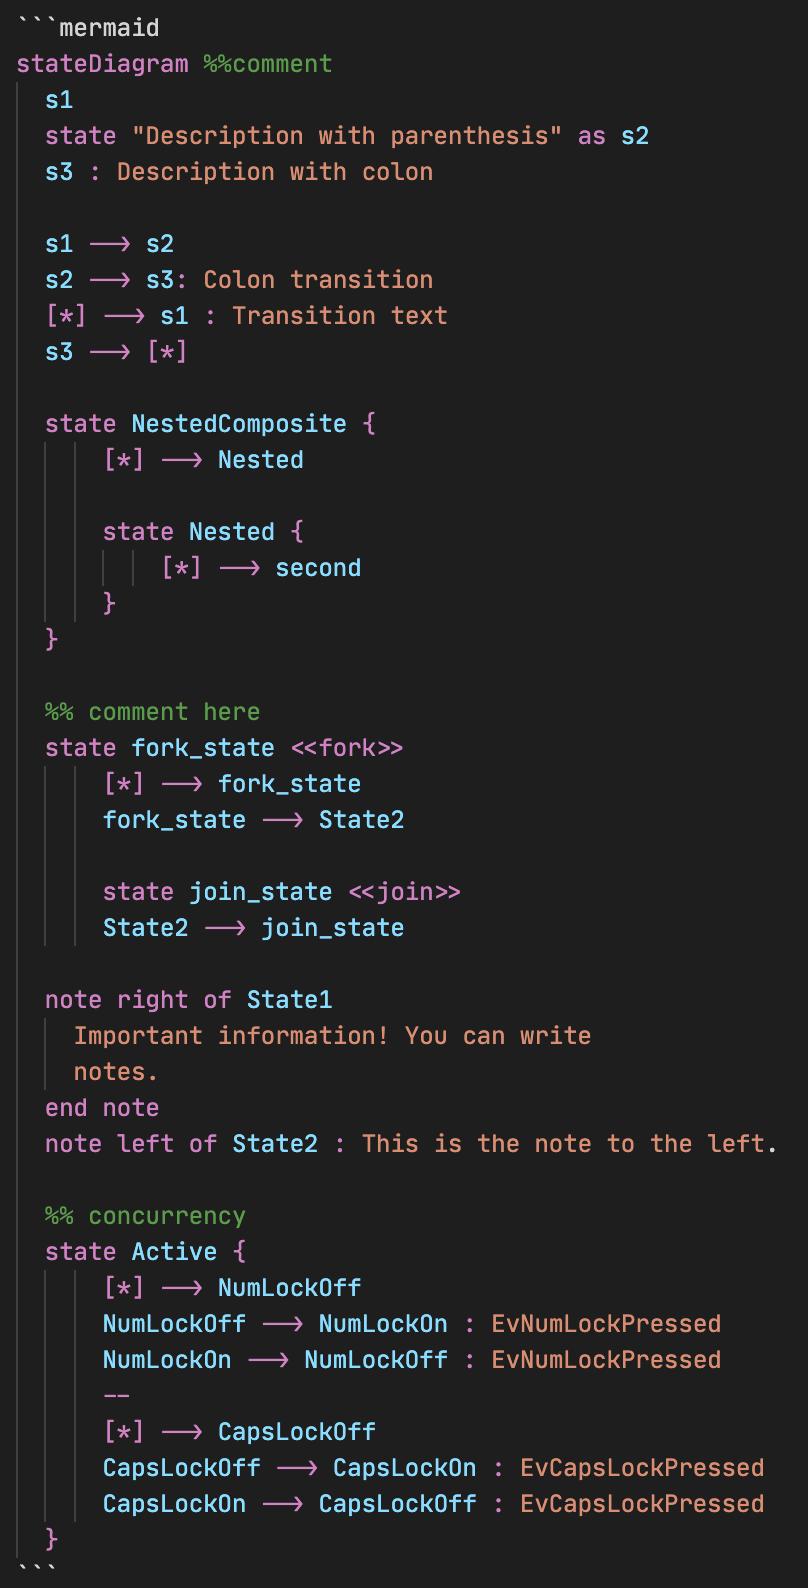 State Diagram Screenshot